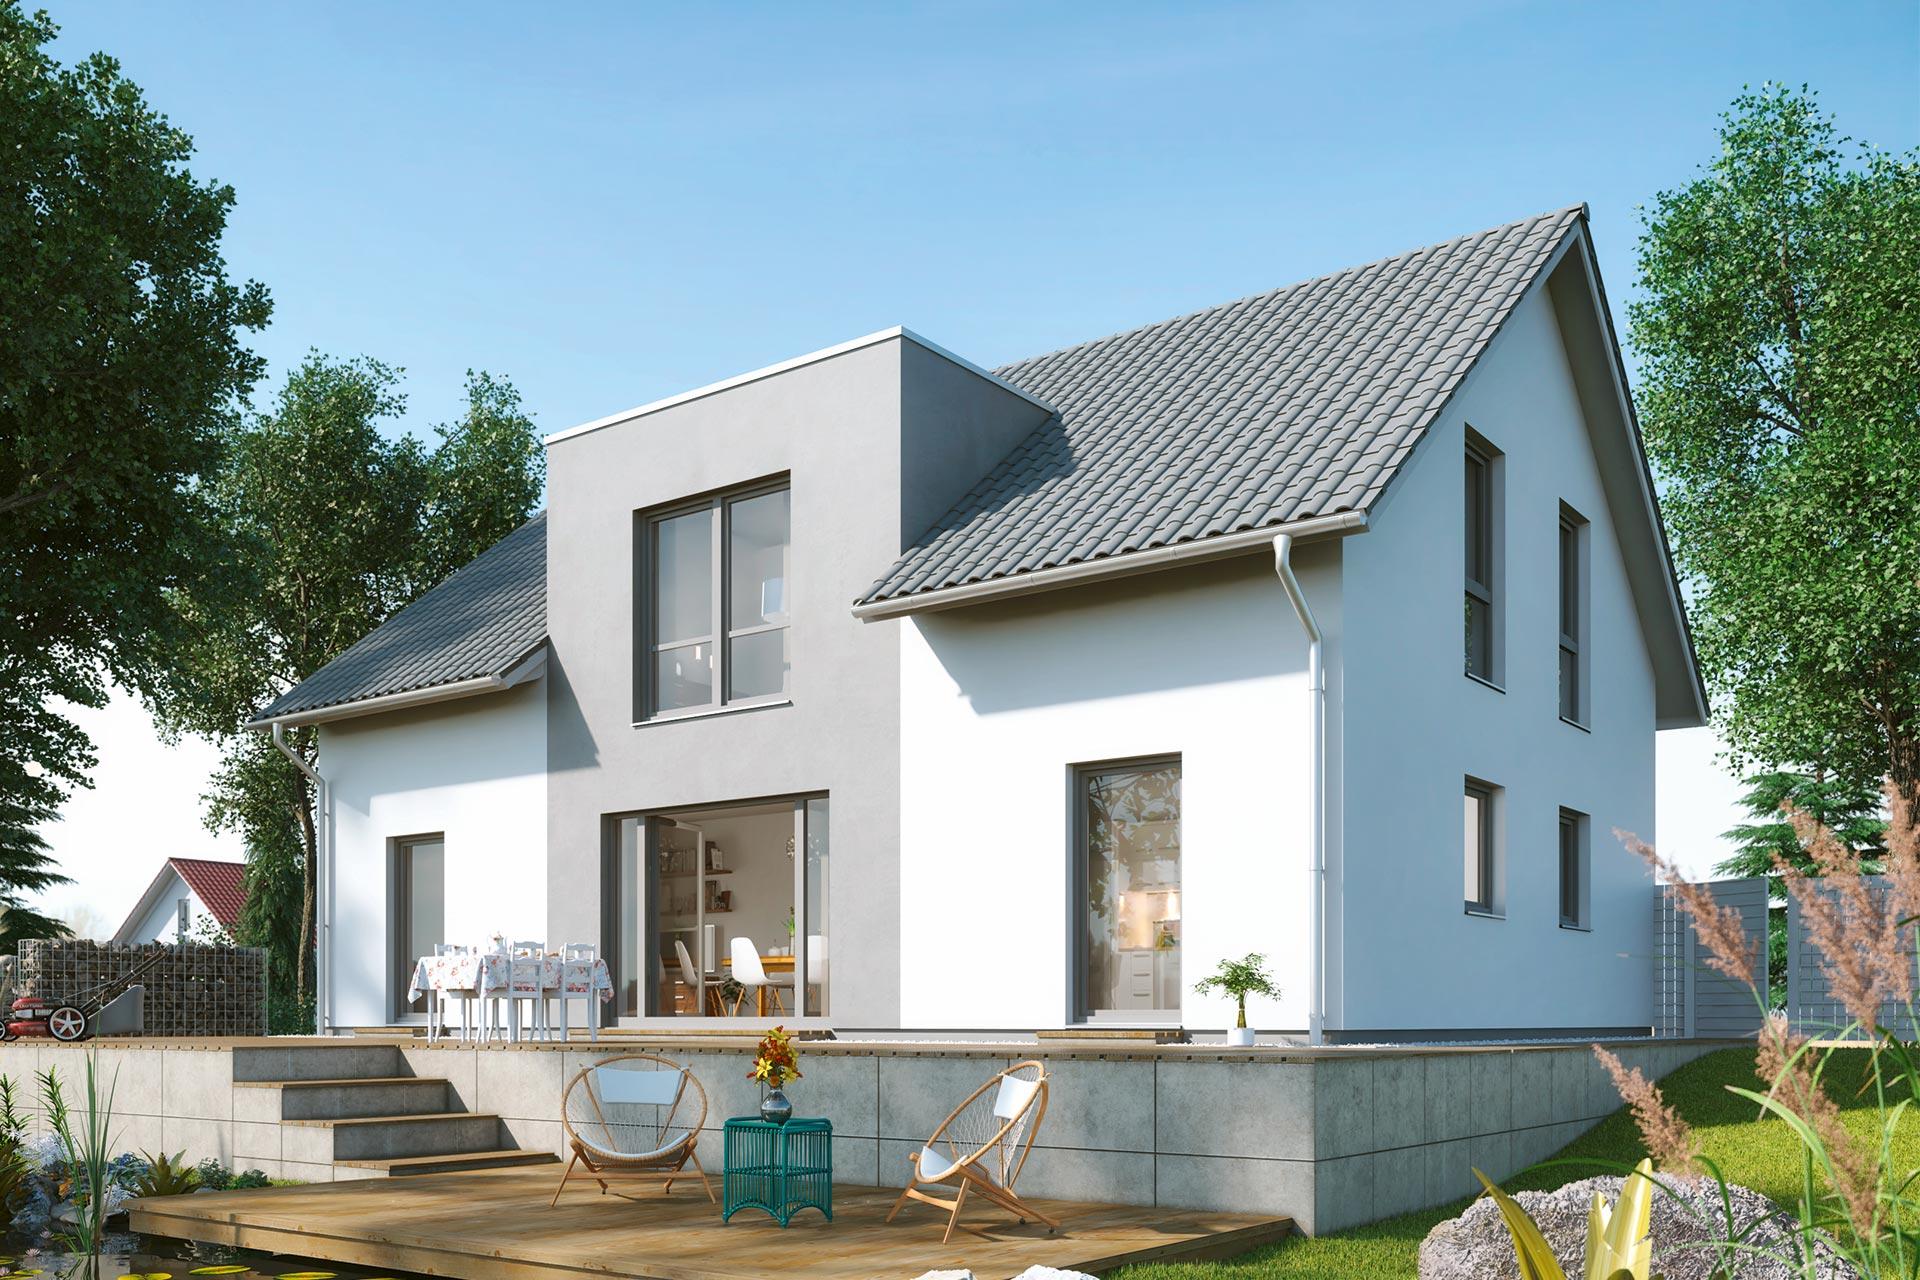 Einfamilienhaus guenstig bauen - Lindenallee - dominante ...